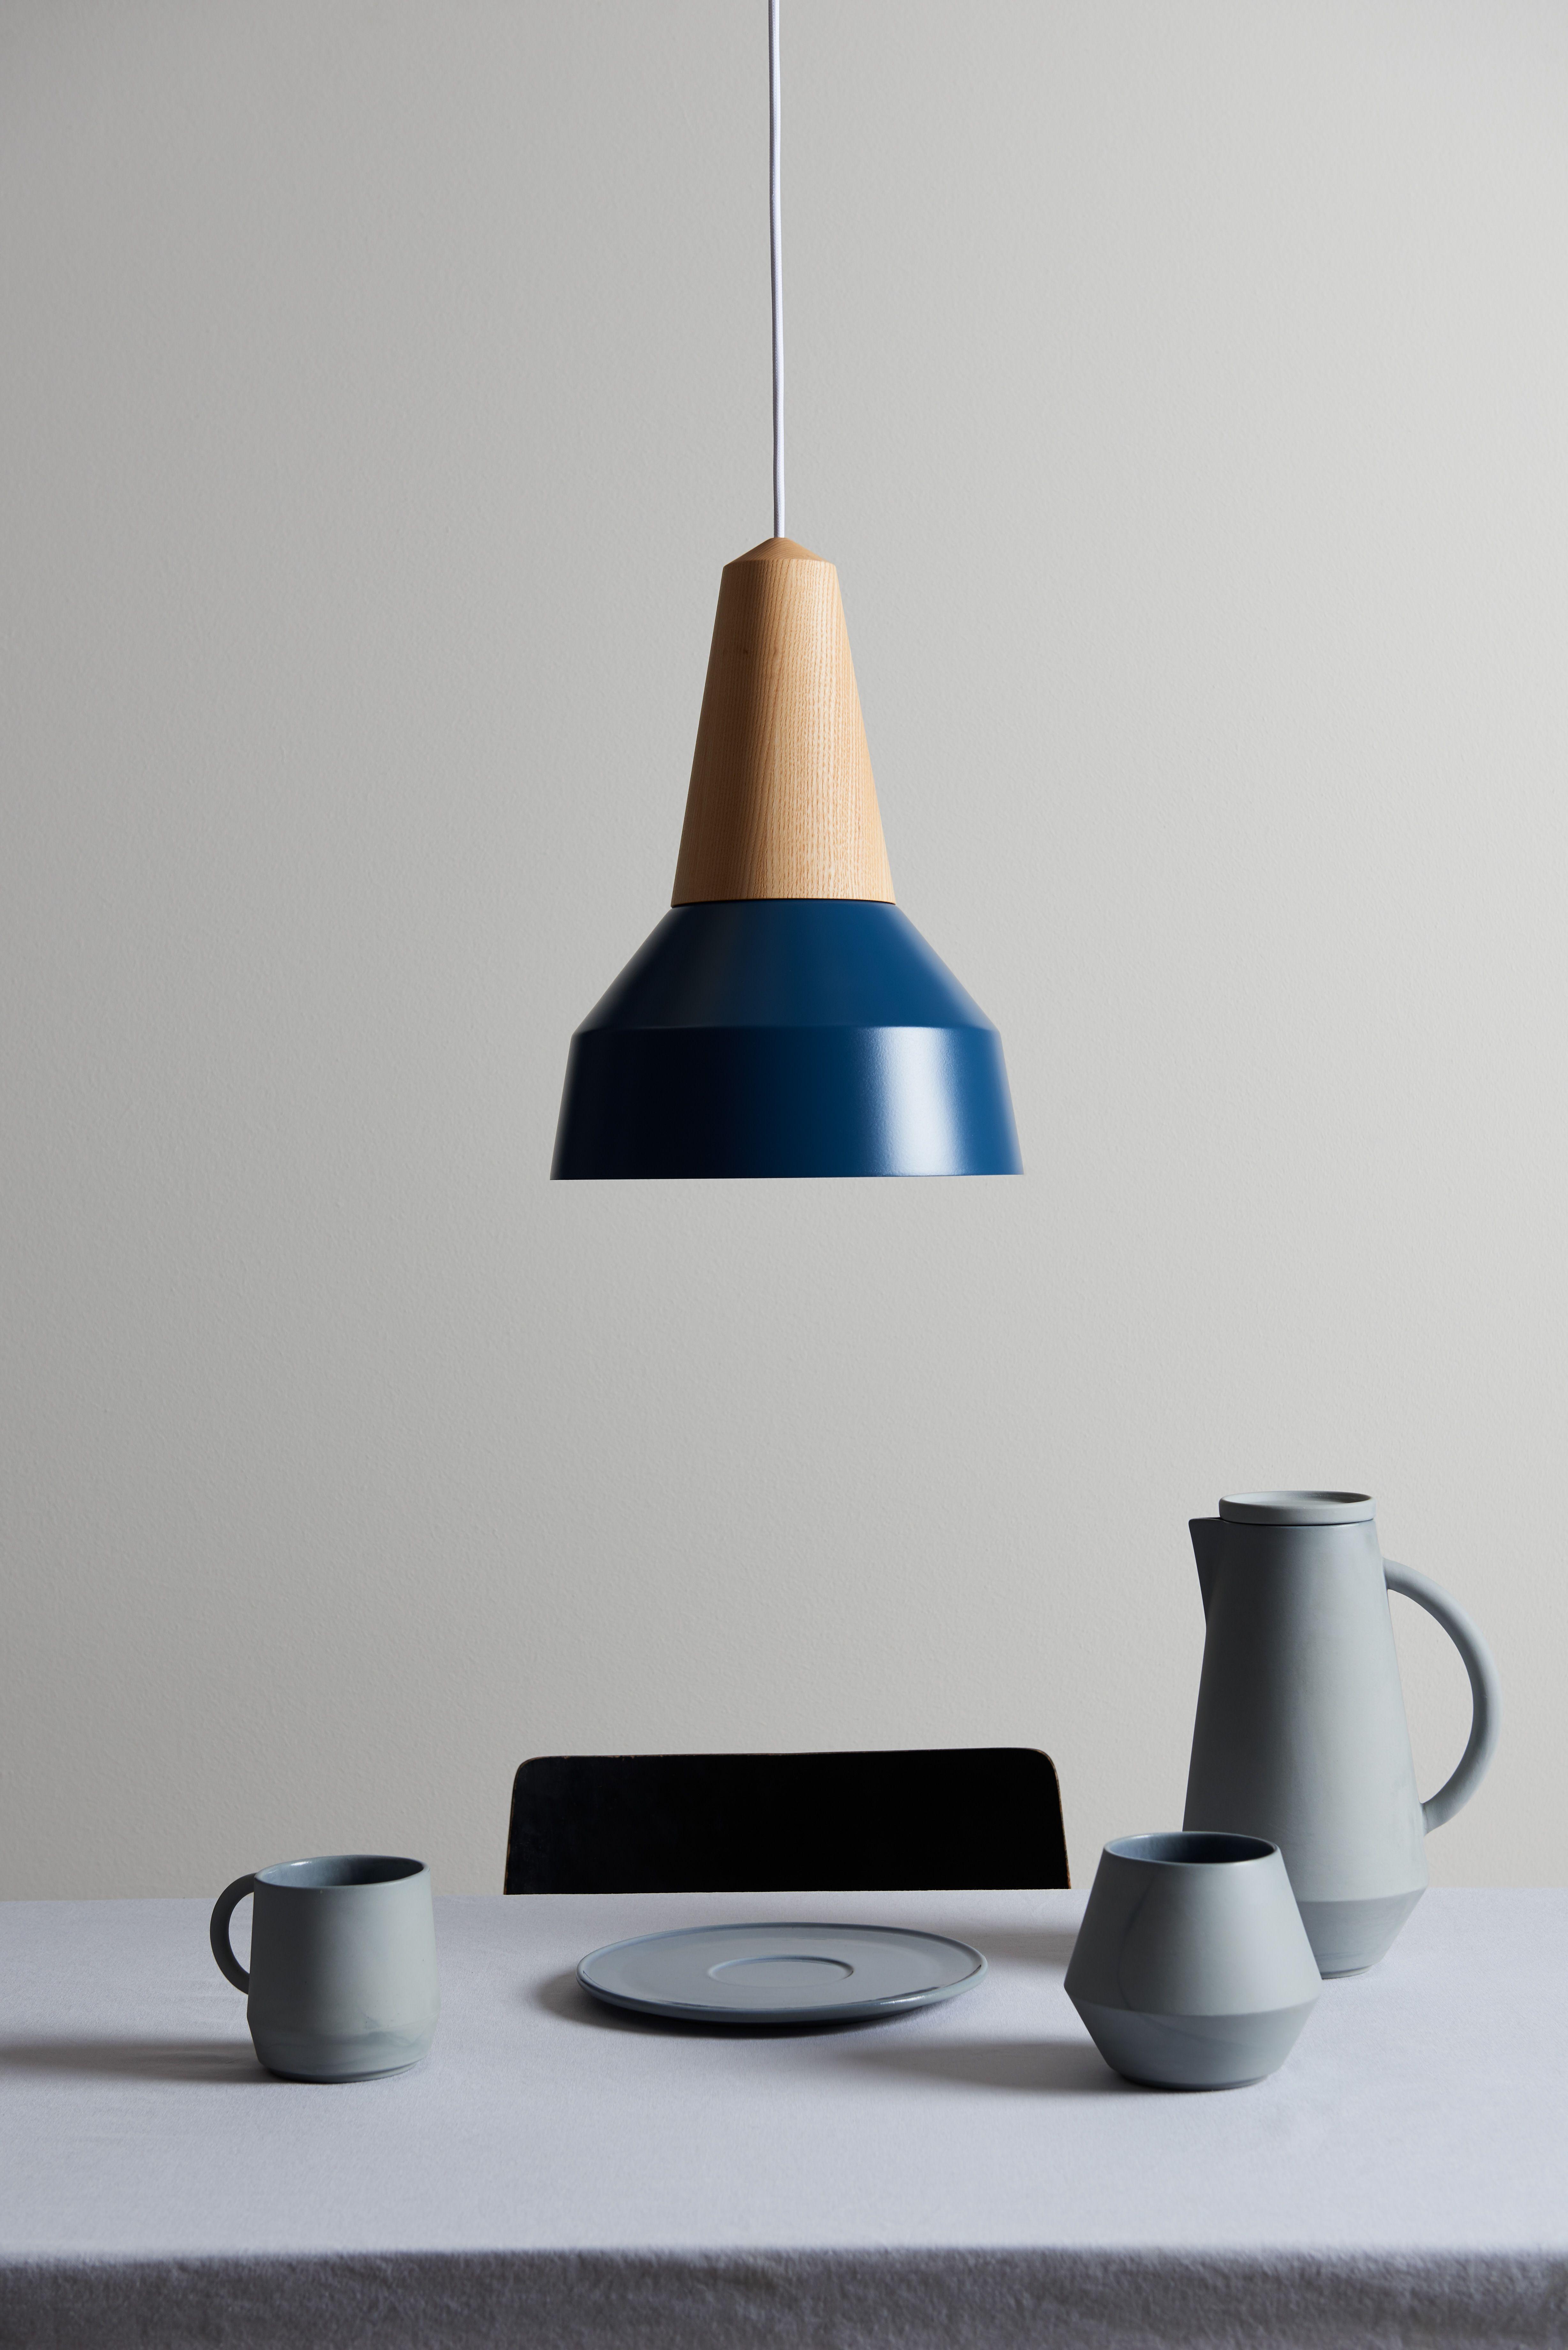 Die Lampe Eikon Basic In Dunkelblau Aus Eichenholz Und Stahl In Einer Deutschen Werkstatt Von Hand Gefertigt Das Blau Der Lampe Ha Lampe Schone Lampen Lampen